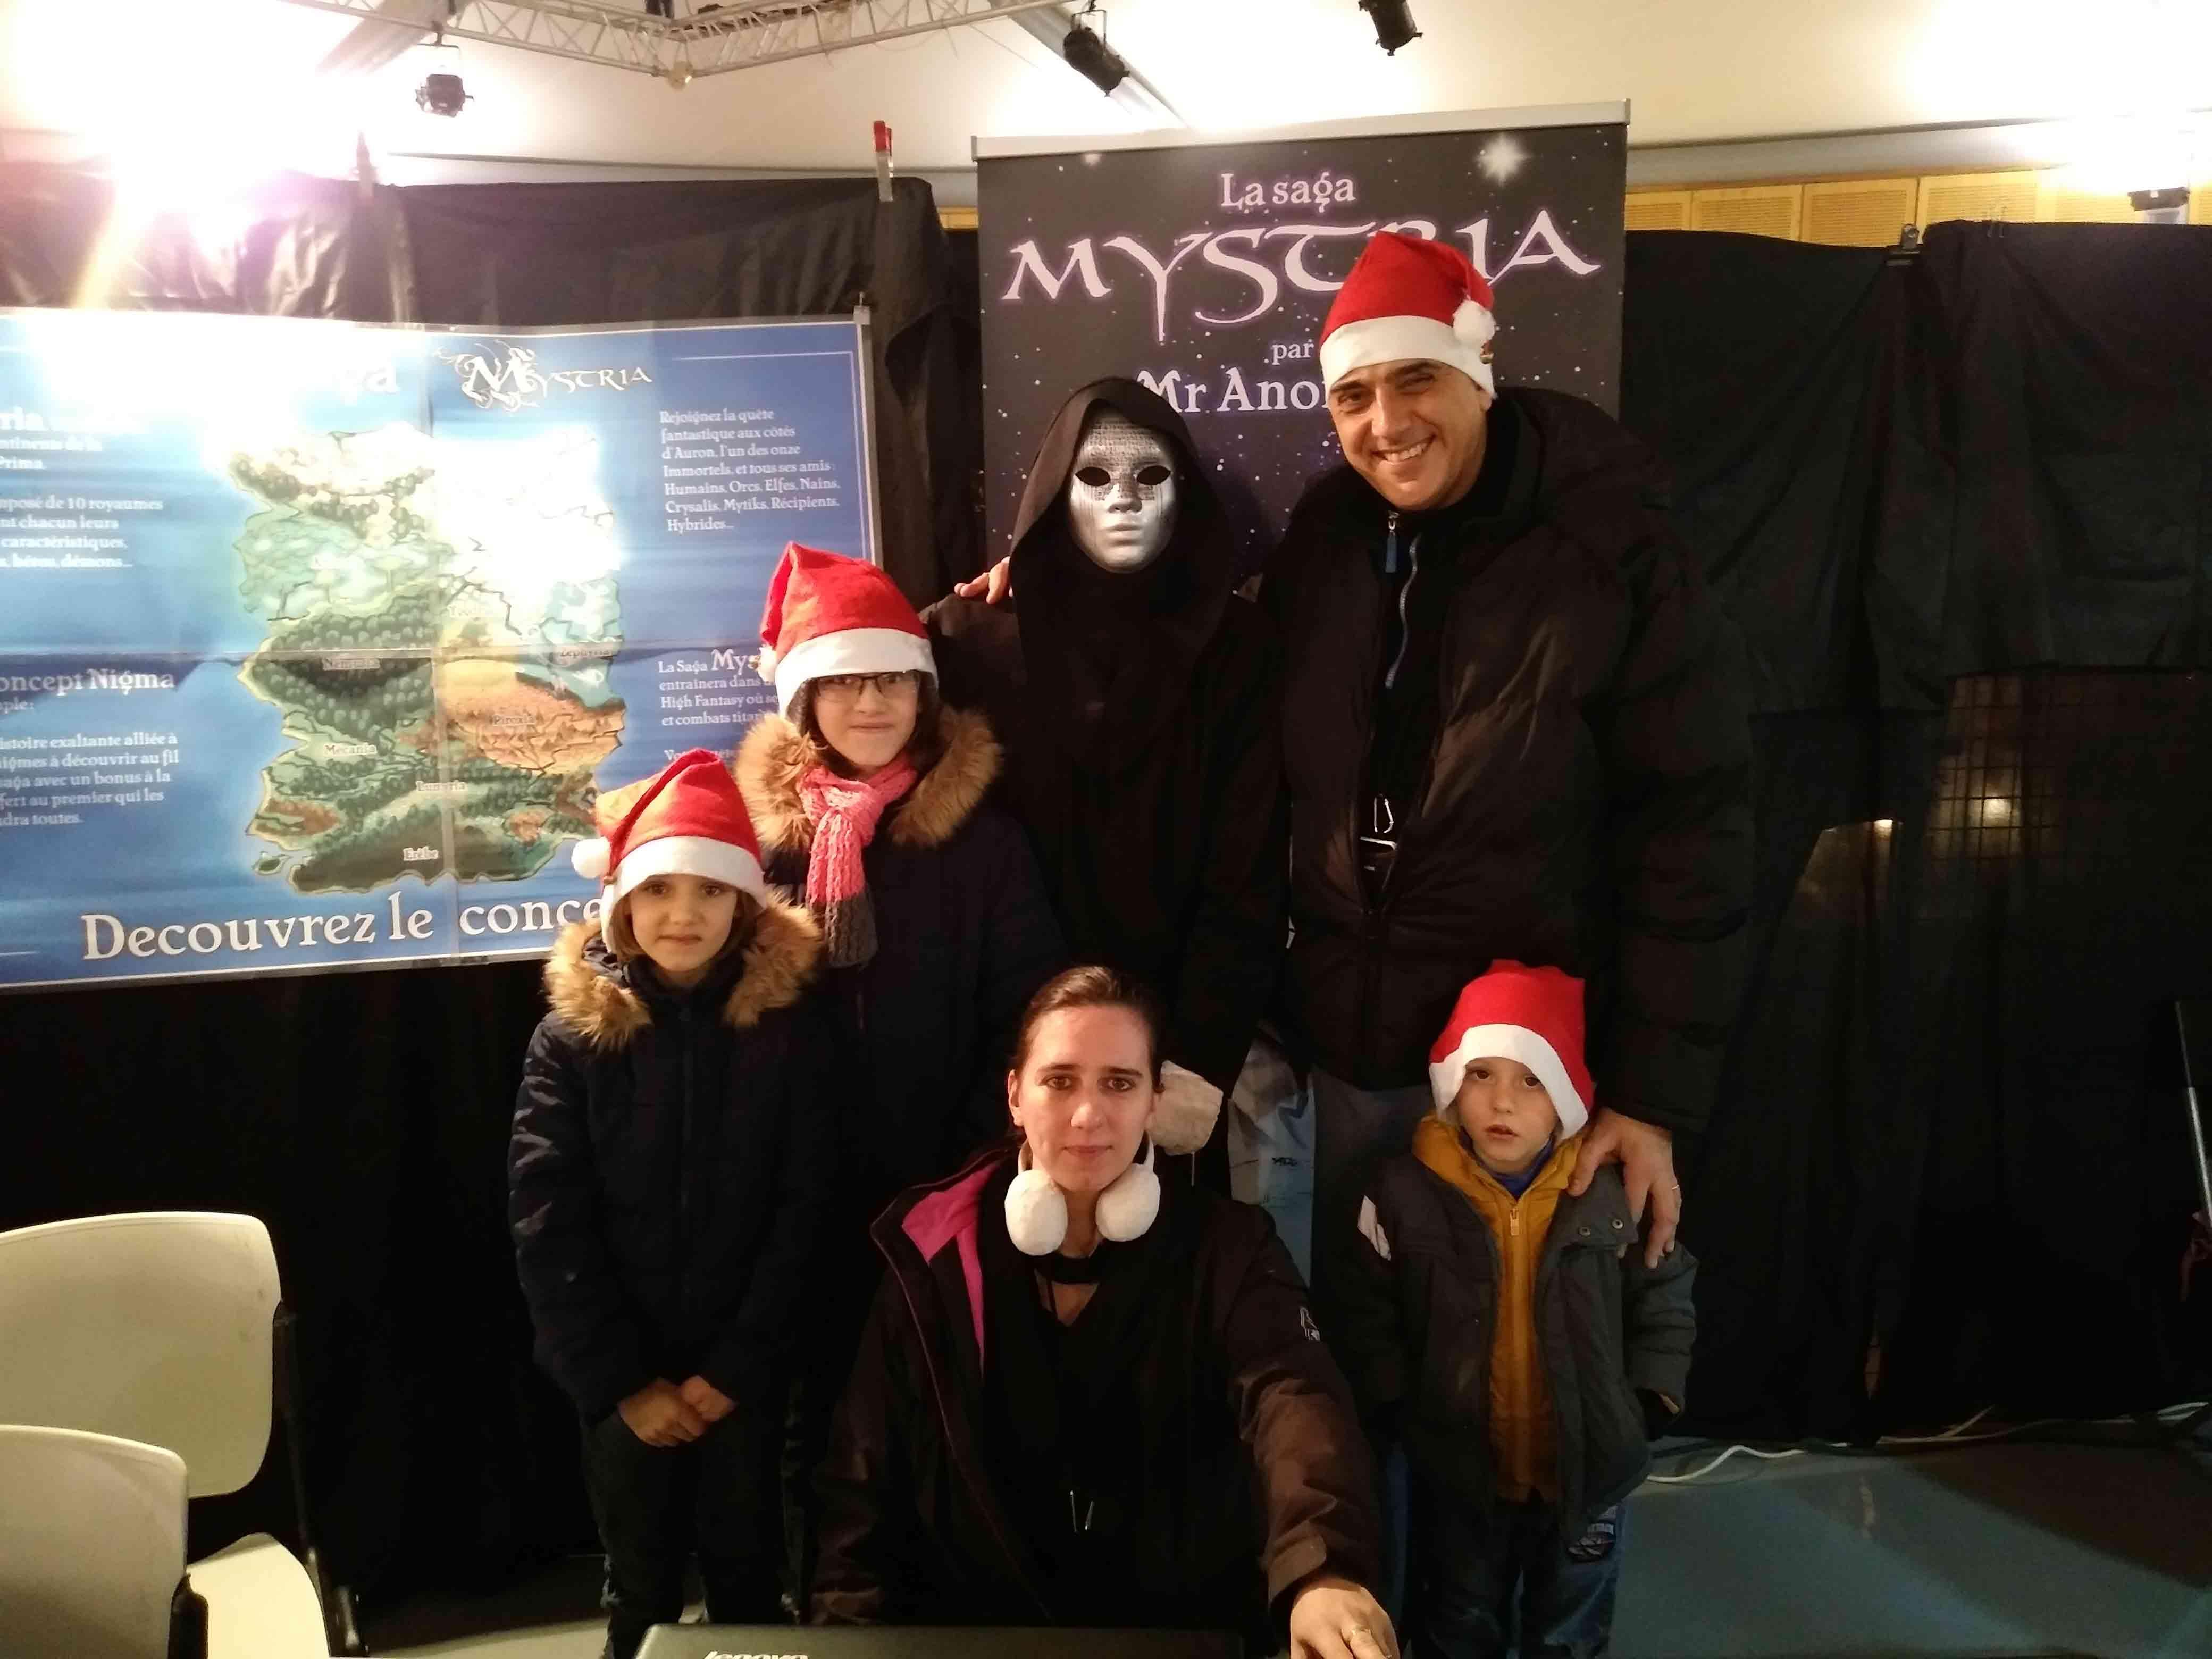 Mystriens en famille